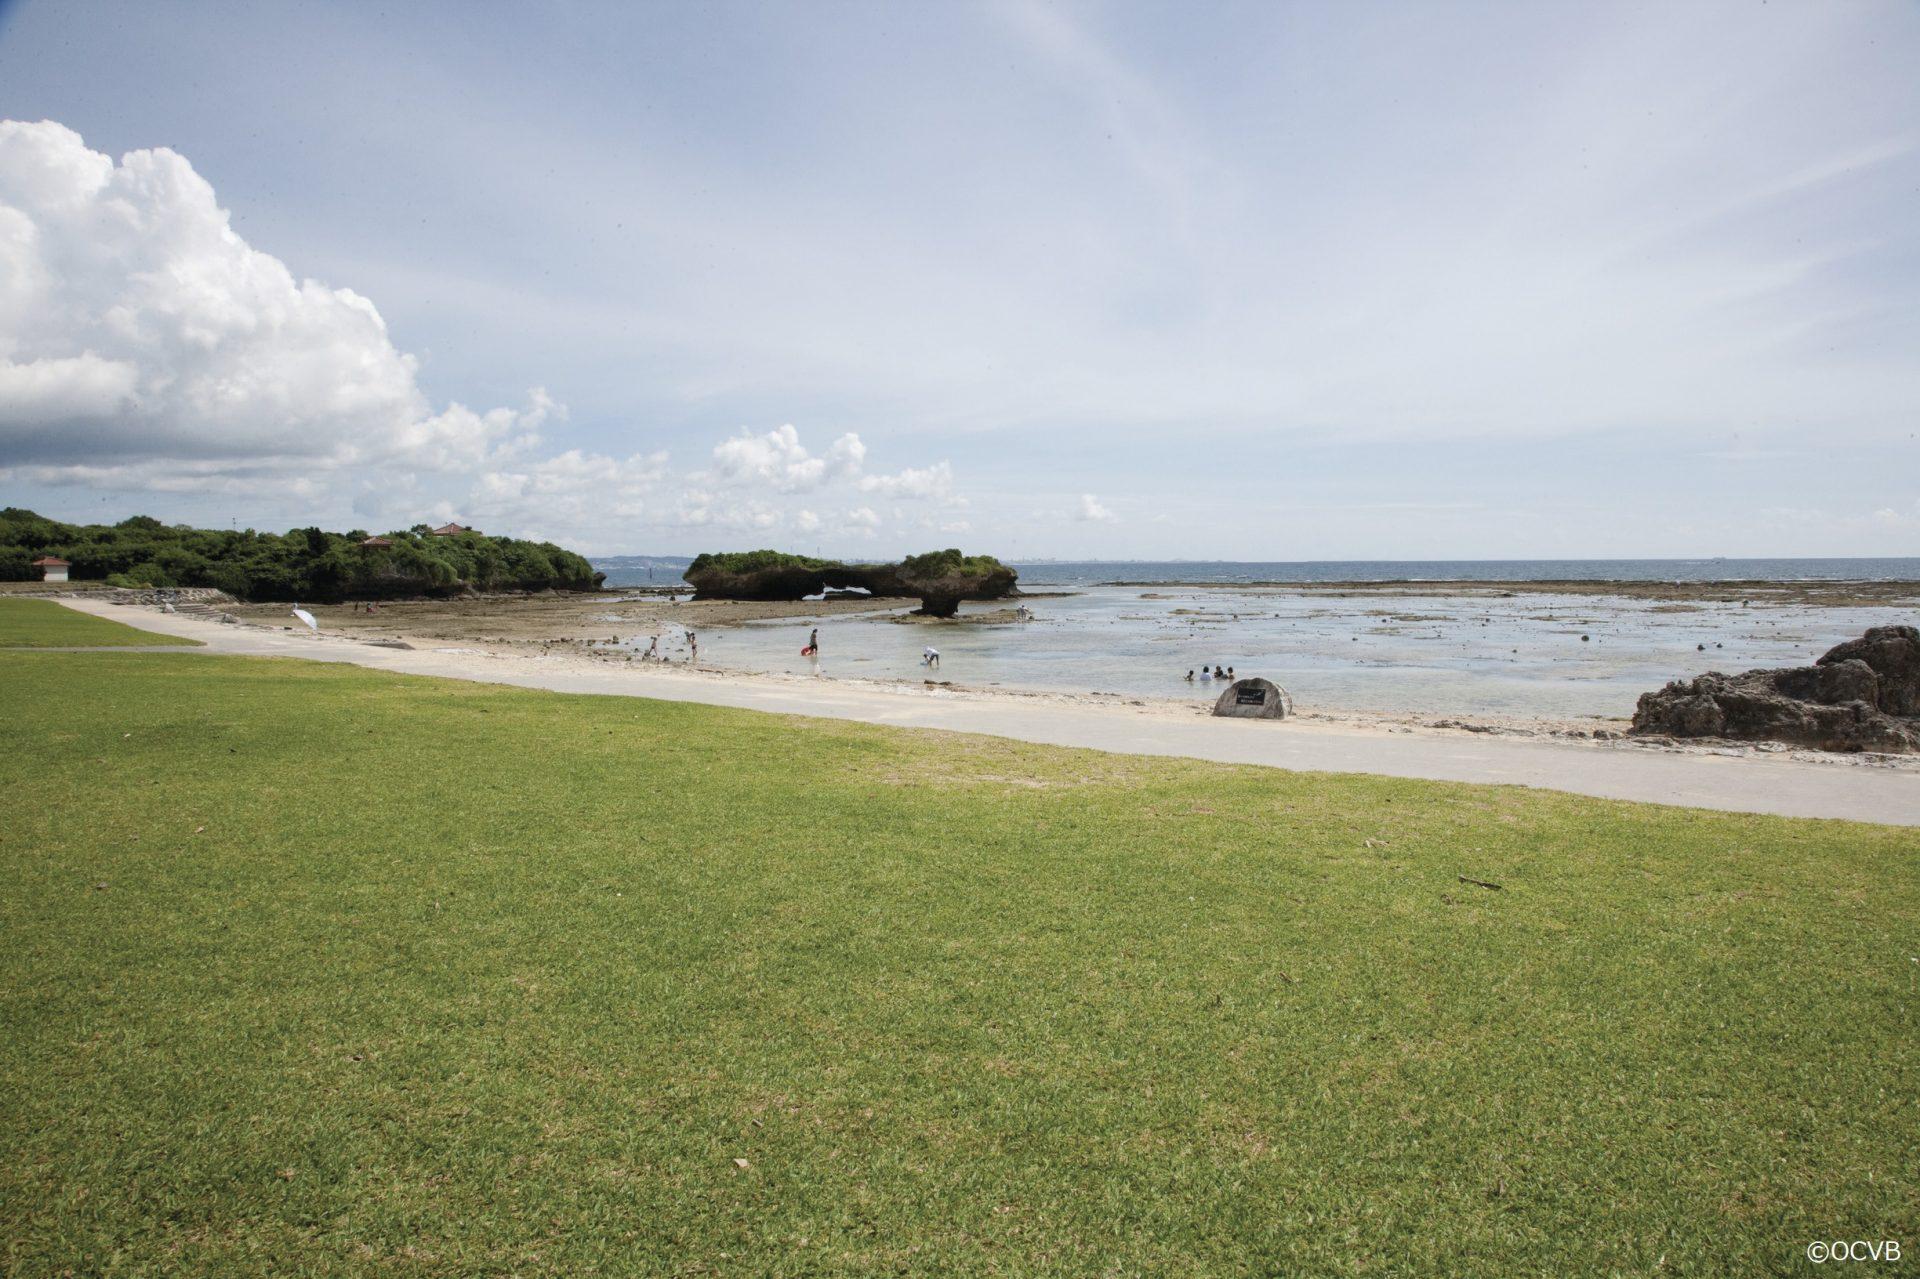 沖縄の穴場ビーチ「渡具知ビーチ」